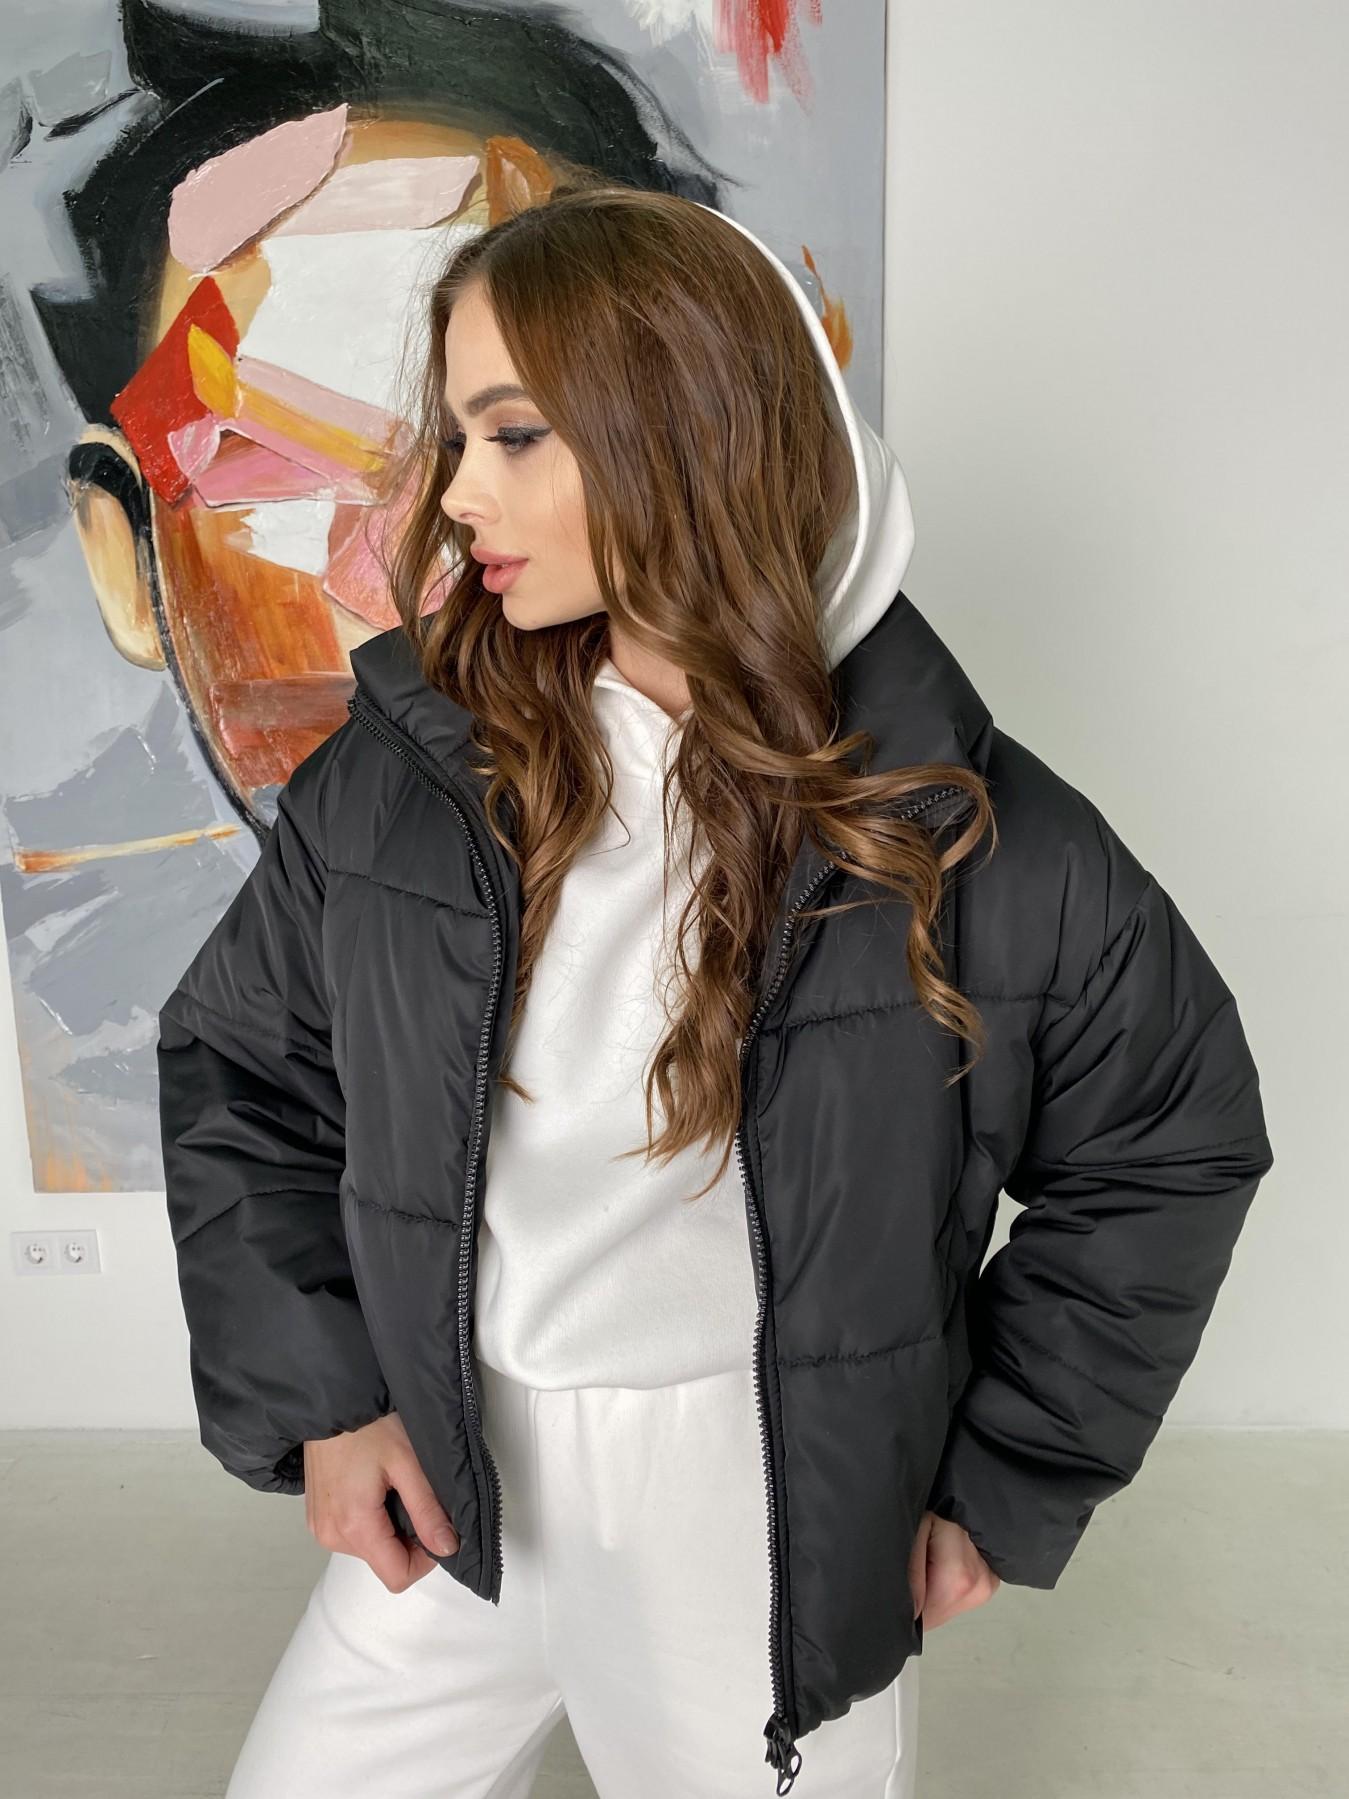 Драйв куртка из плащевой ткани 10448 АРТ. 46842 Цвет: Черный - фото 8, интернет магазин tm-modus.ru